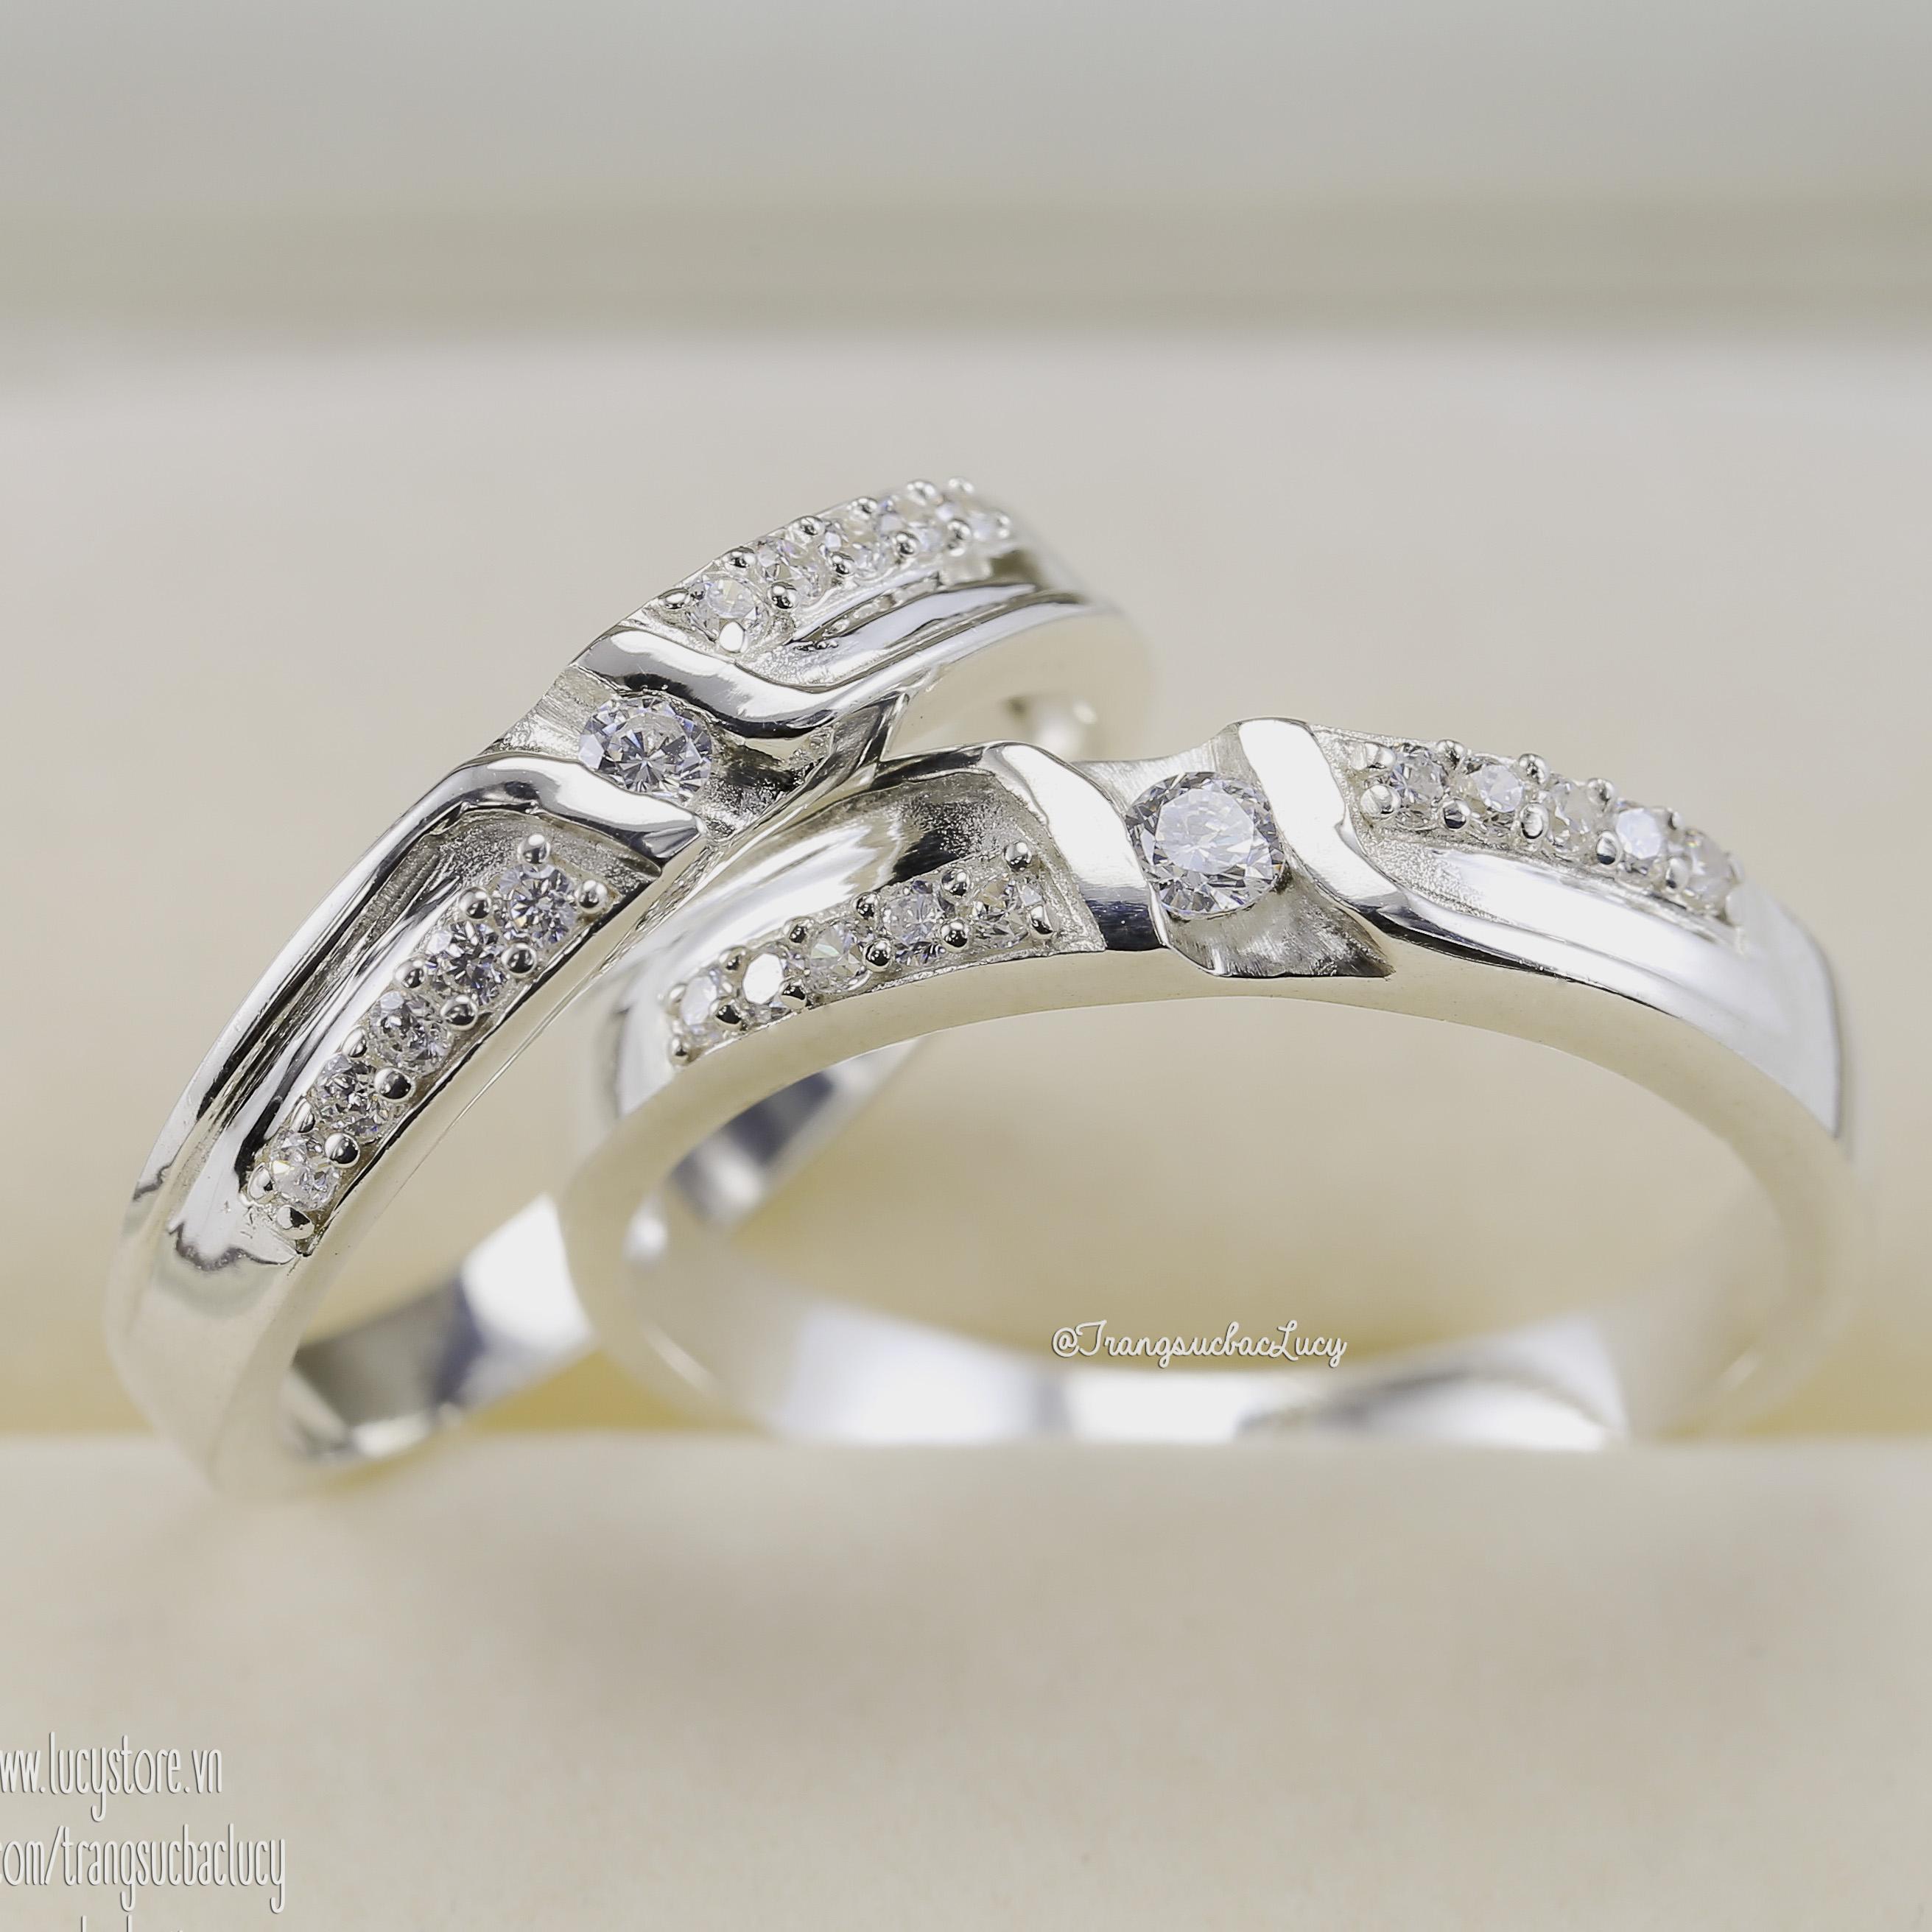 Nhẫn đôi nhẫn cặp bạc Lucy - ND031